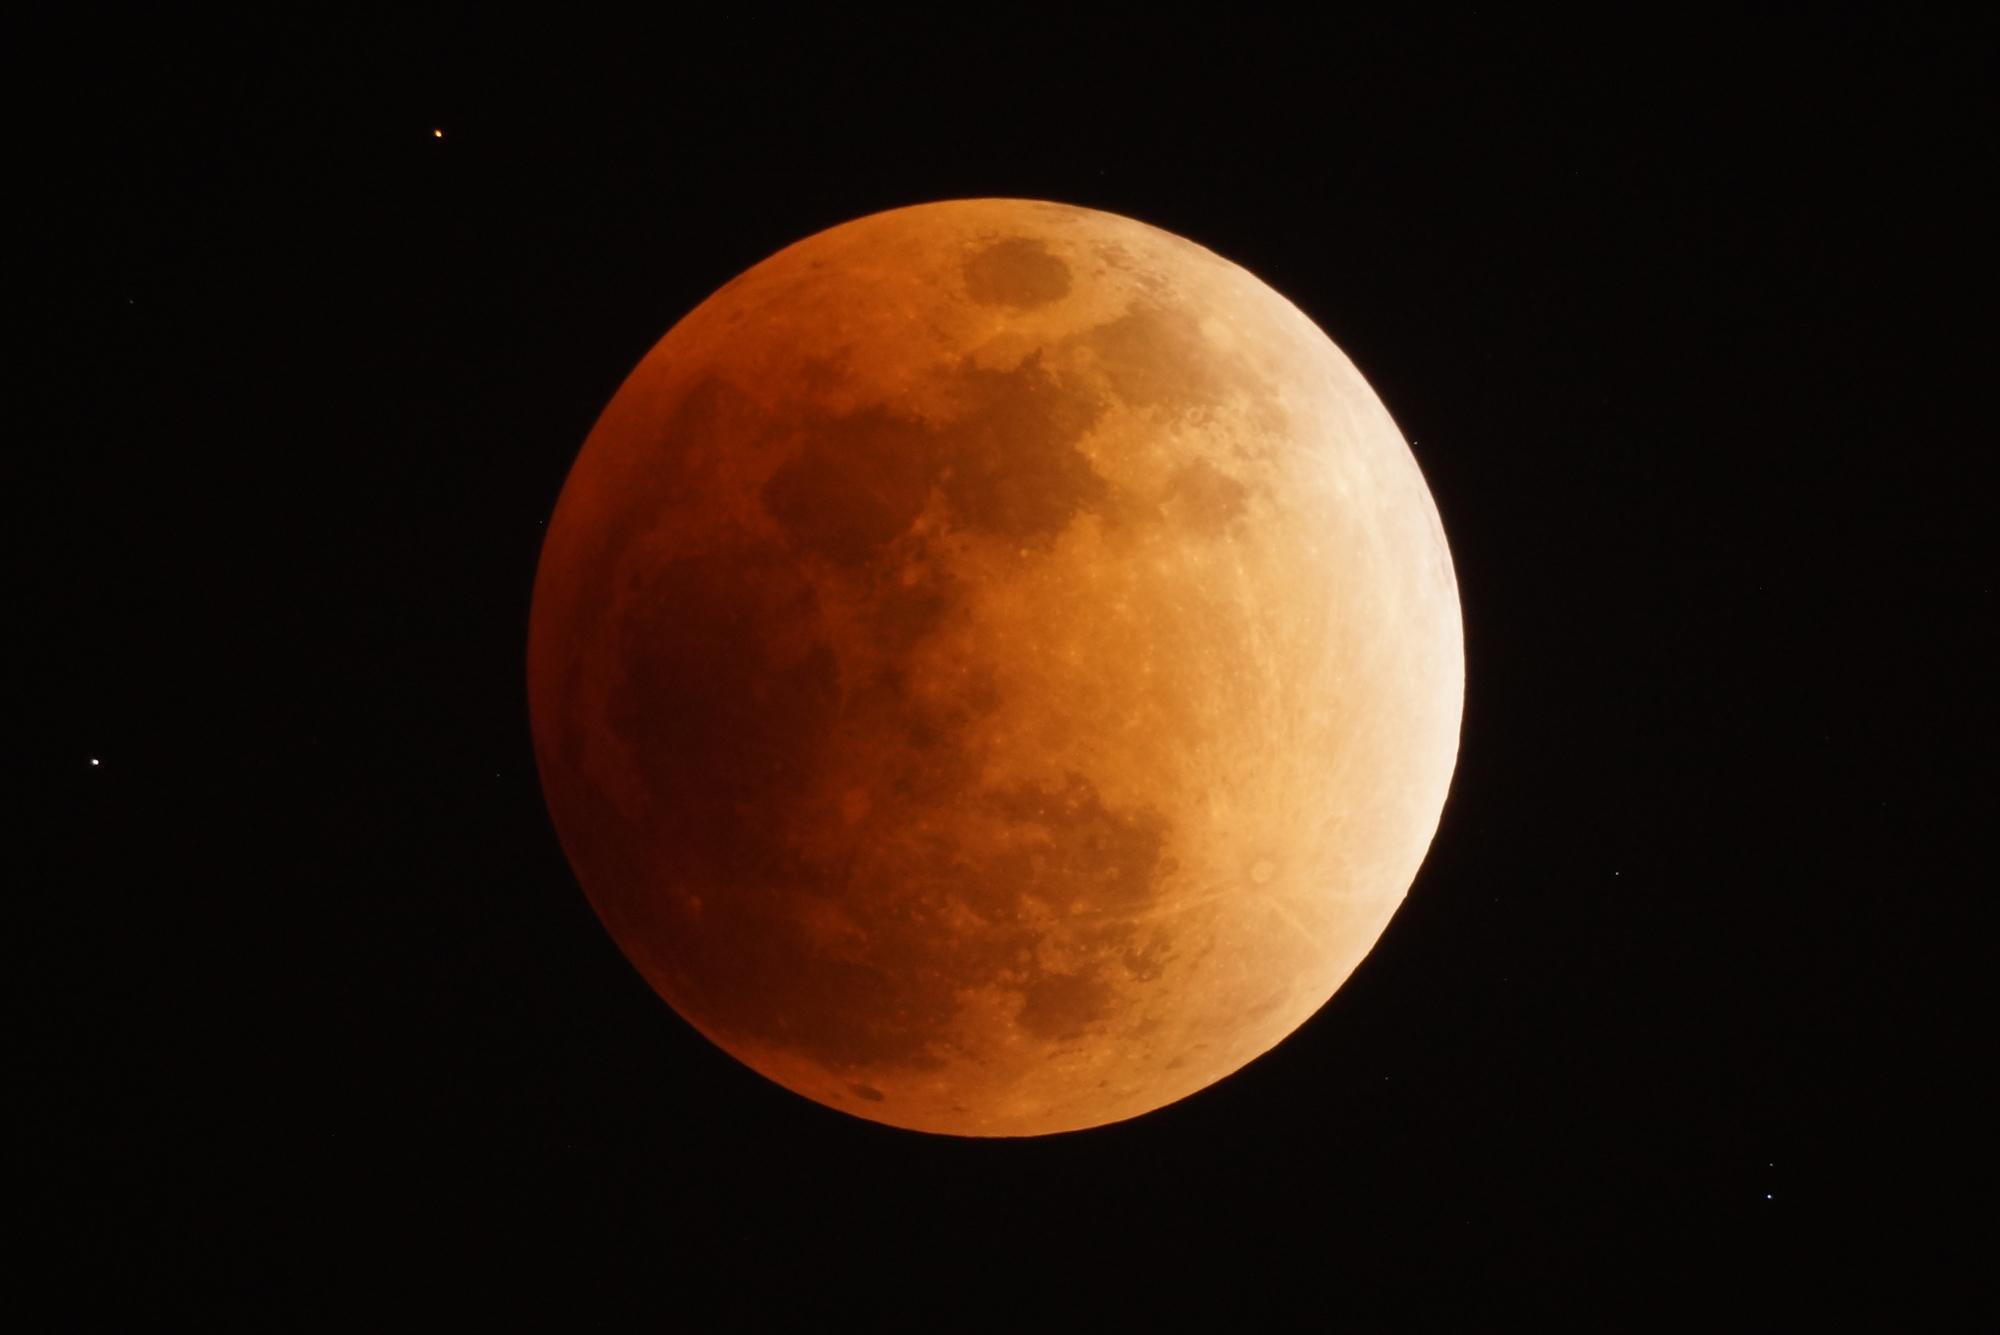 ブラッドムーン(7月28日)世界の終わりか・・!?大いなる起点は天国か地獄か。